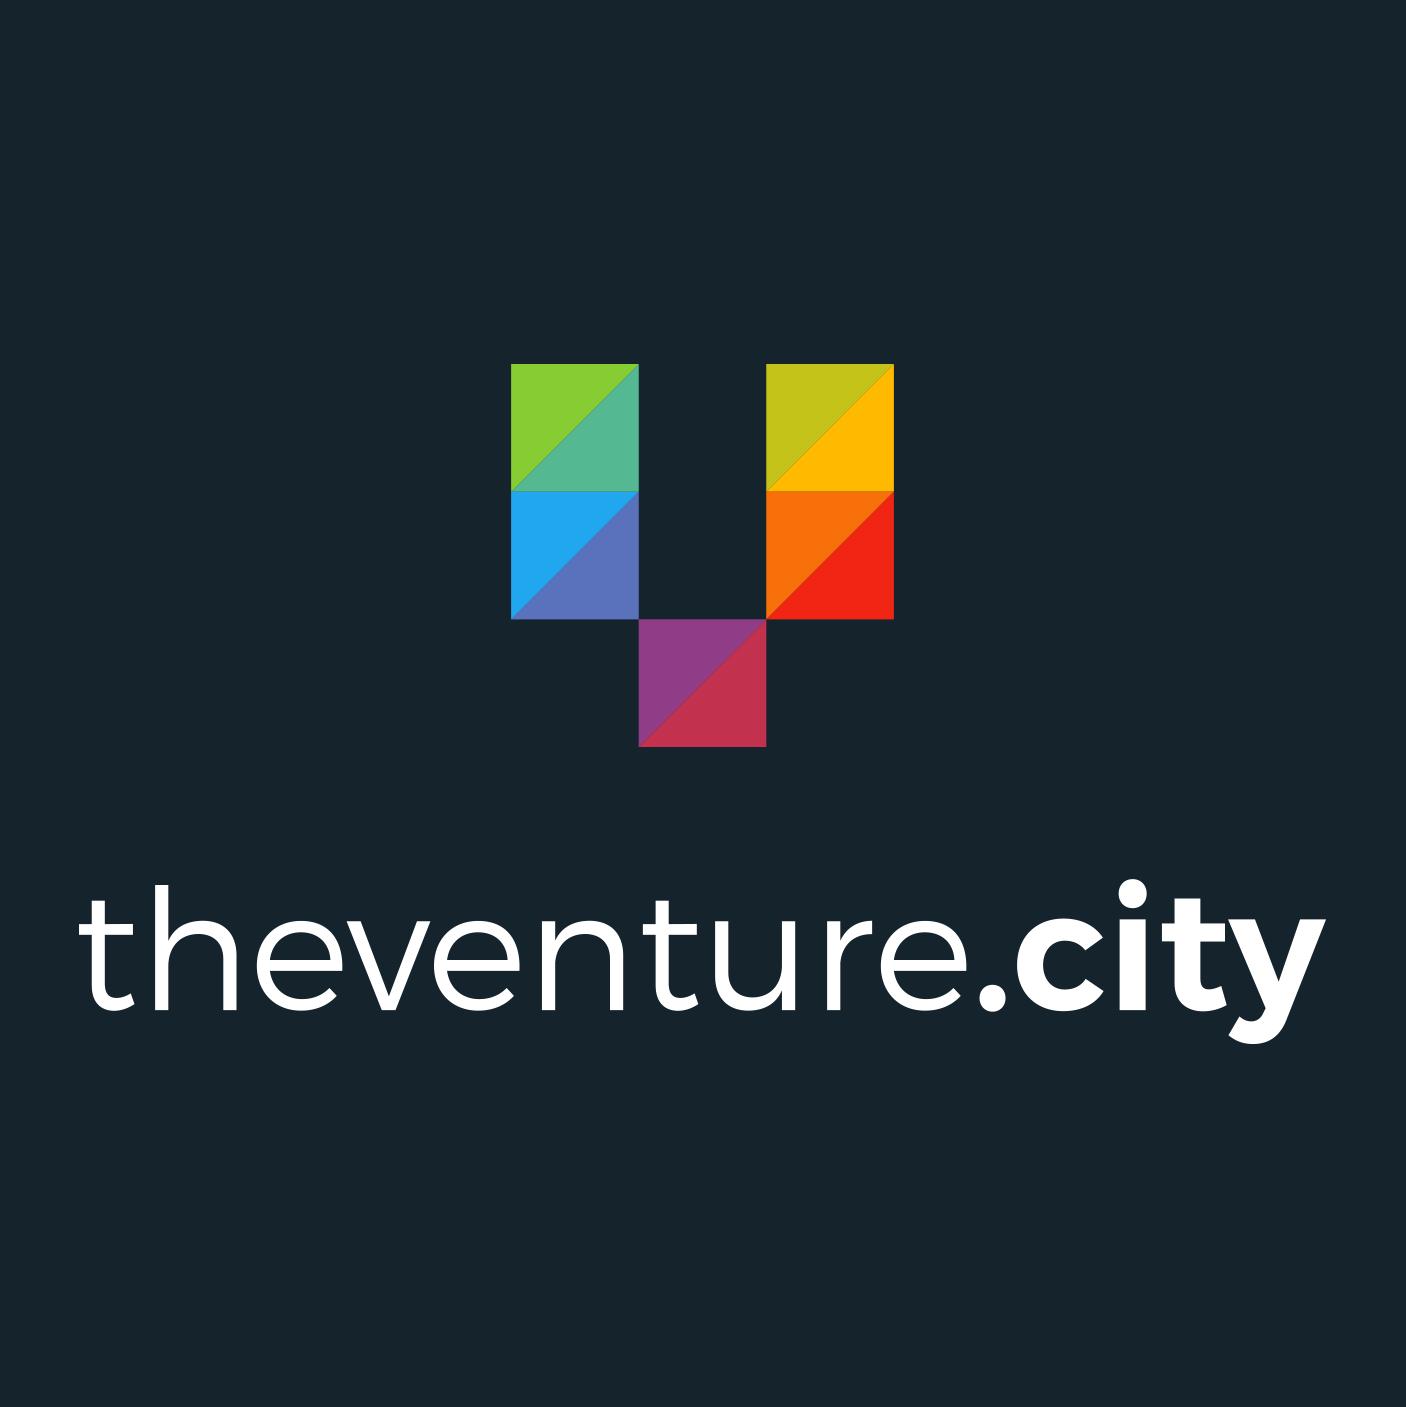 theventurecity